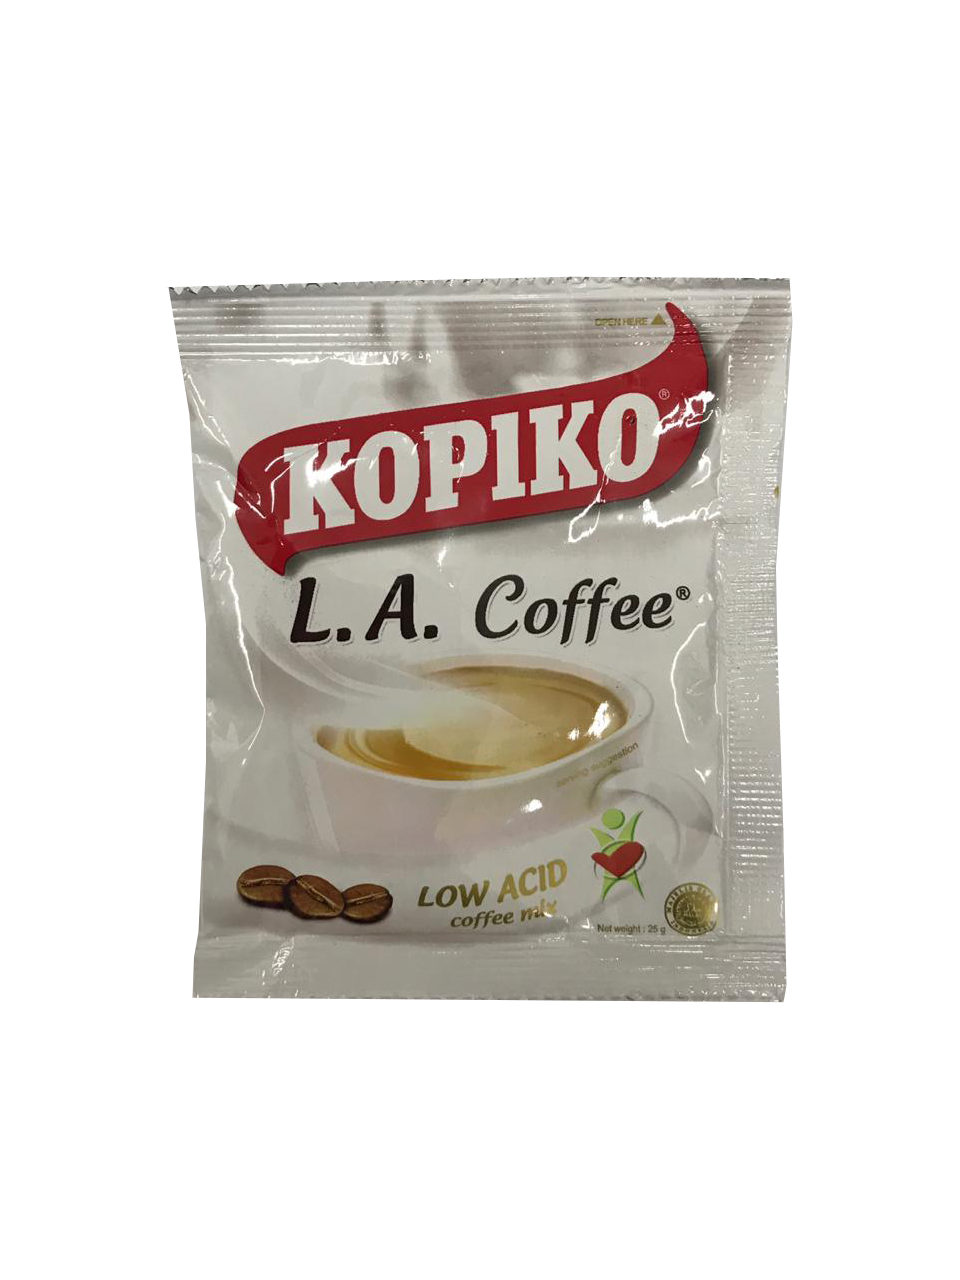 Kopiko LA Coffee - Low Acid 29g